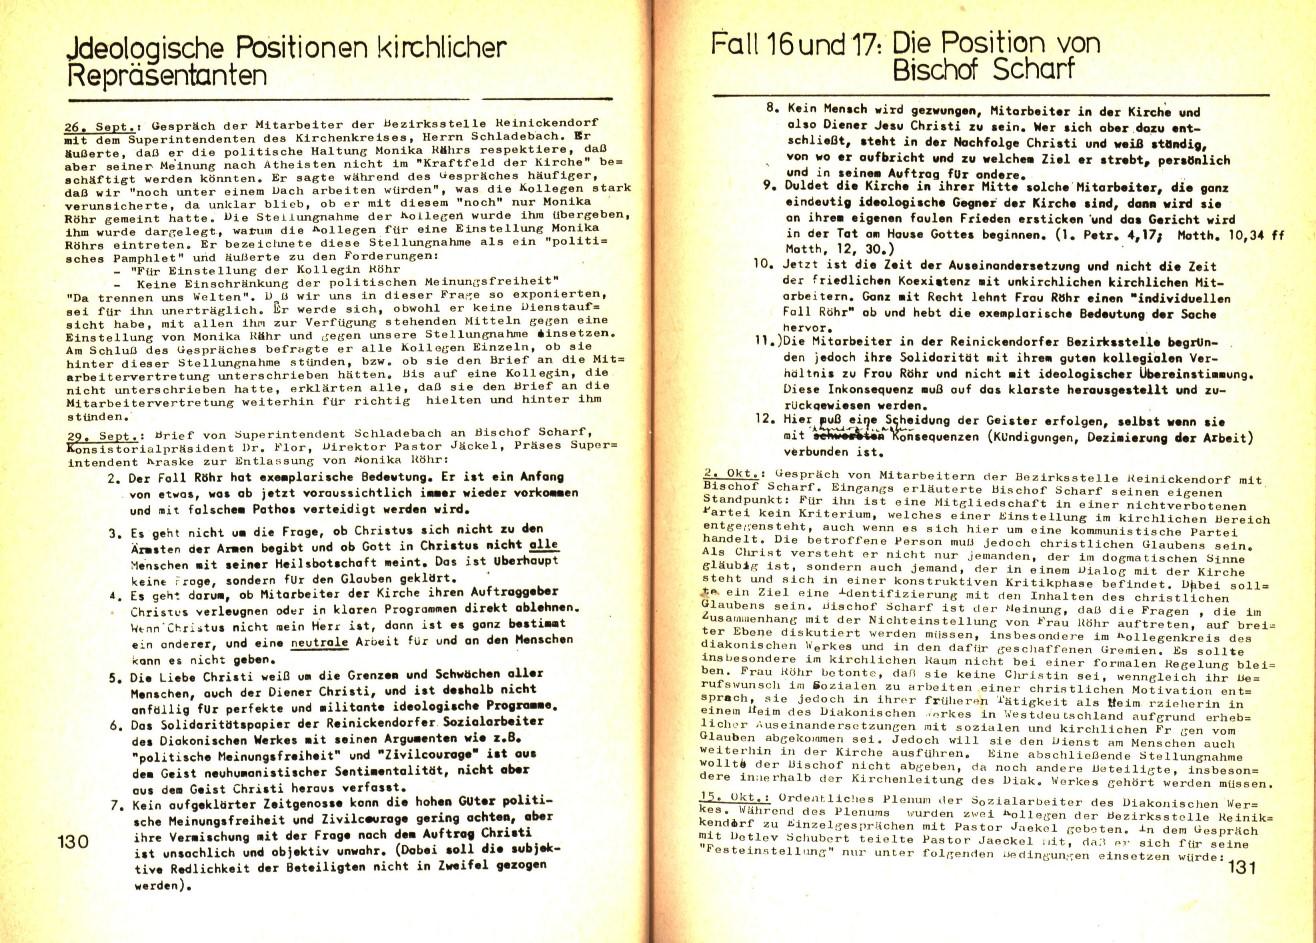 Berlin_VDS_Aktionskomitee_1976_BerufsverboteIII_67